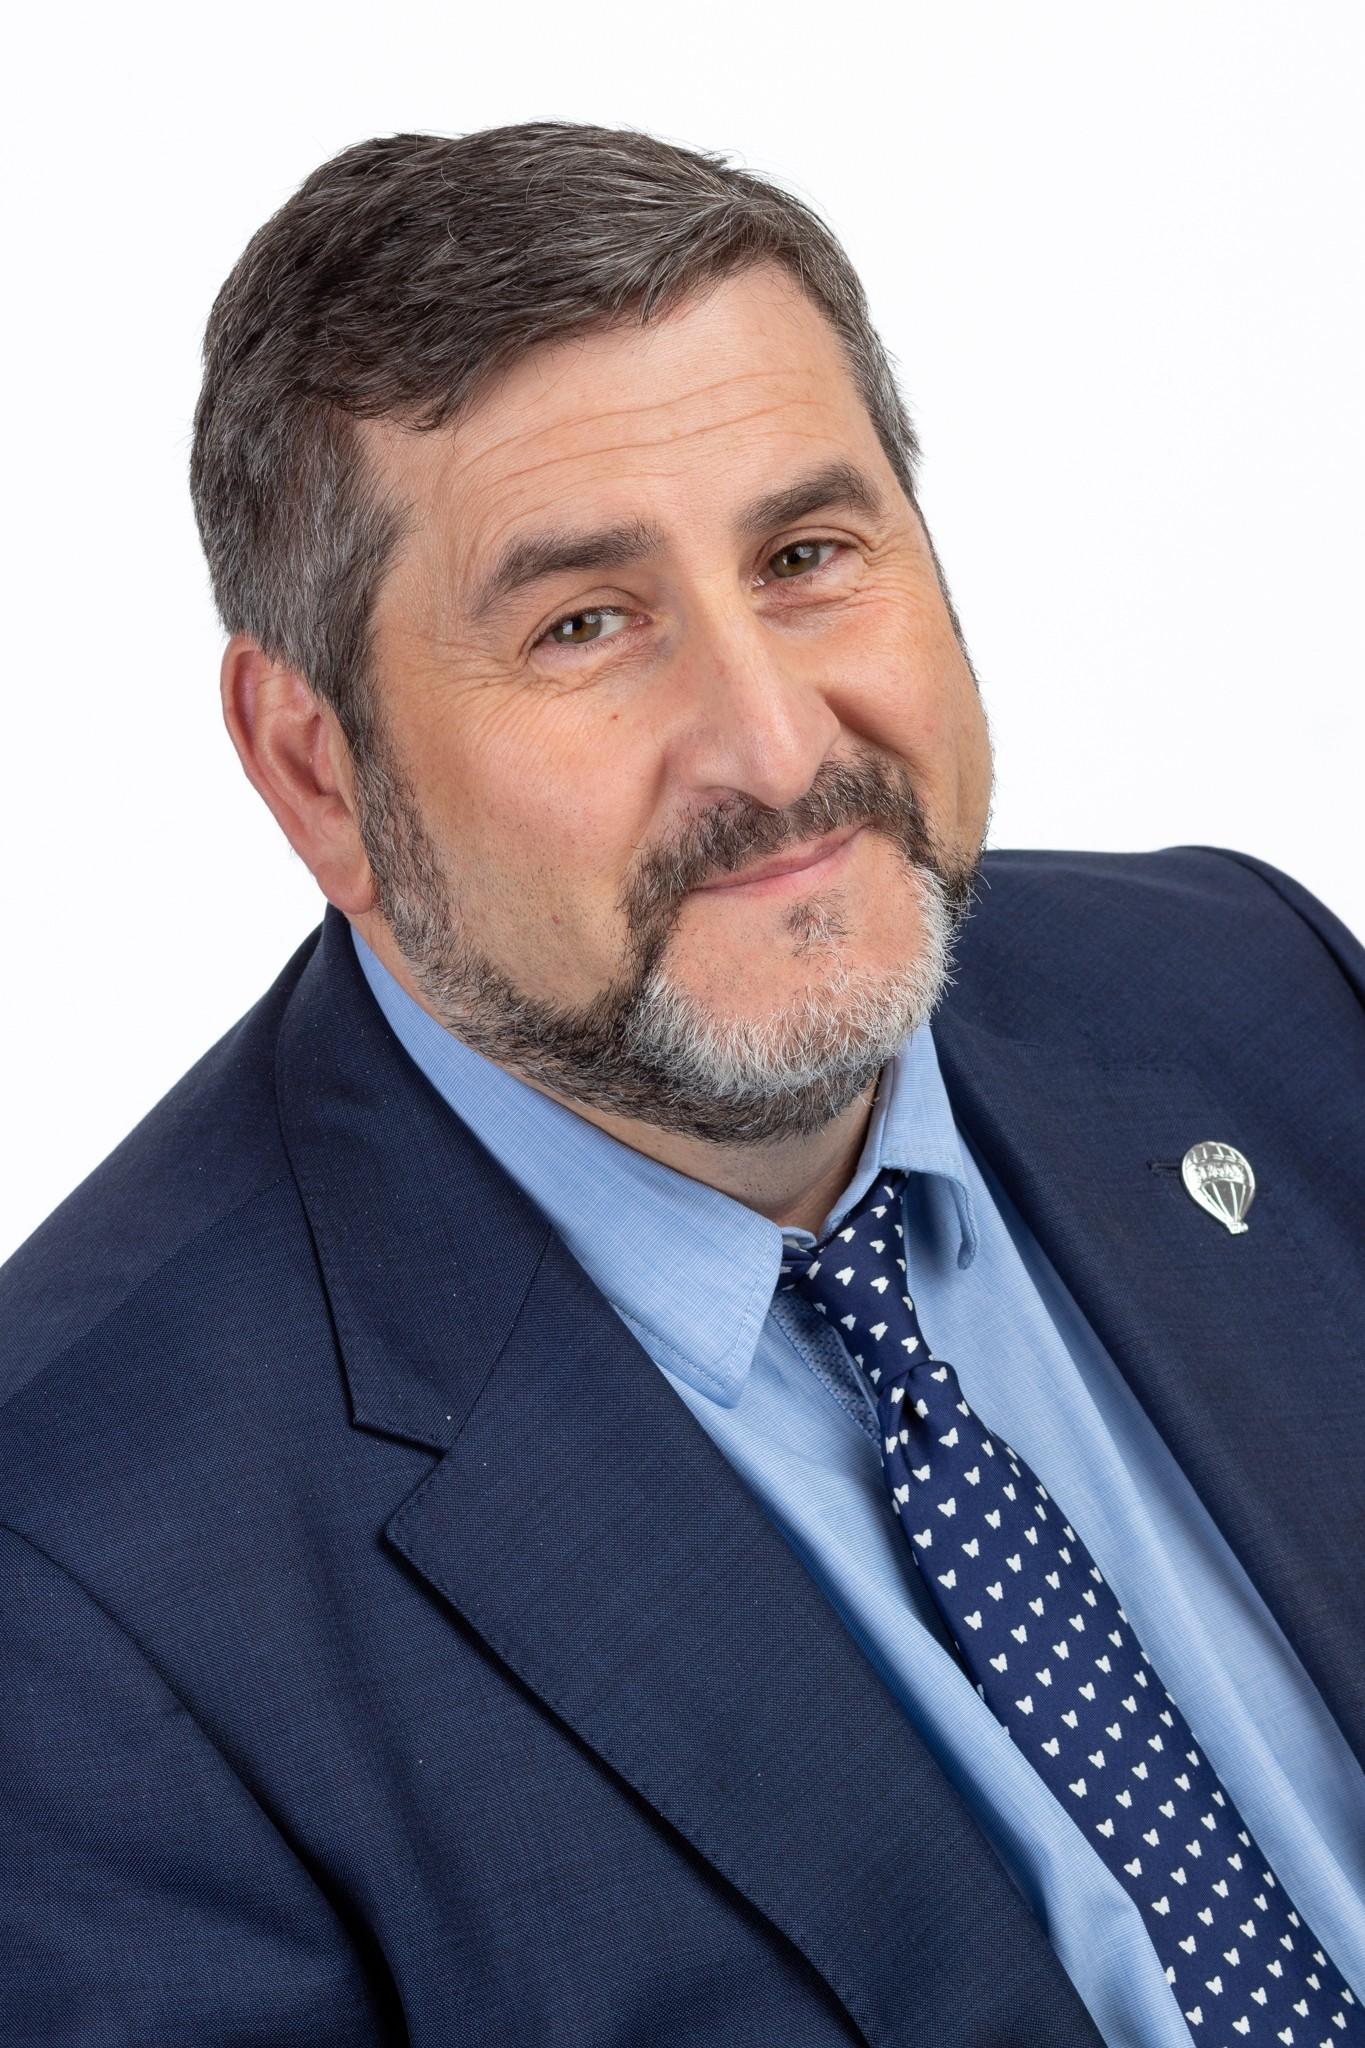 Andrés Martin Pedrero